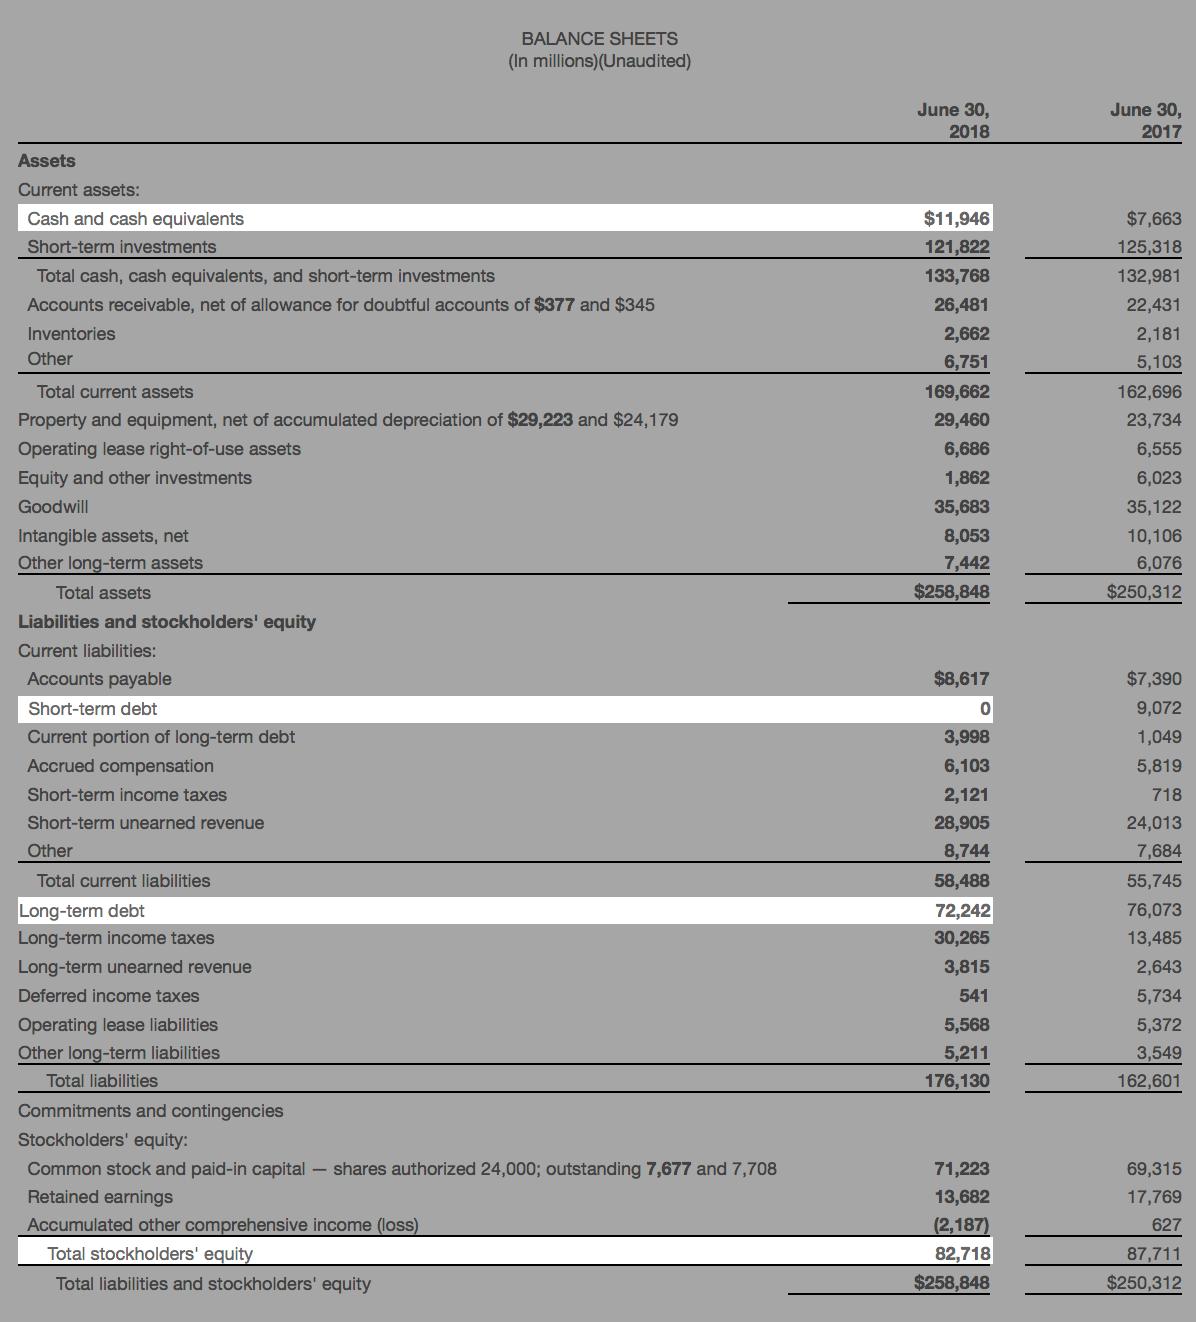 Бухгалтерский баланс Microsoft за 2018финансовый год